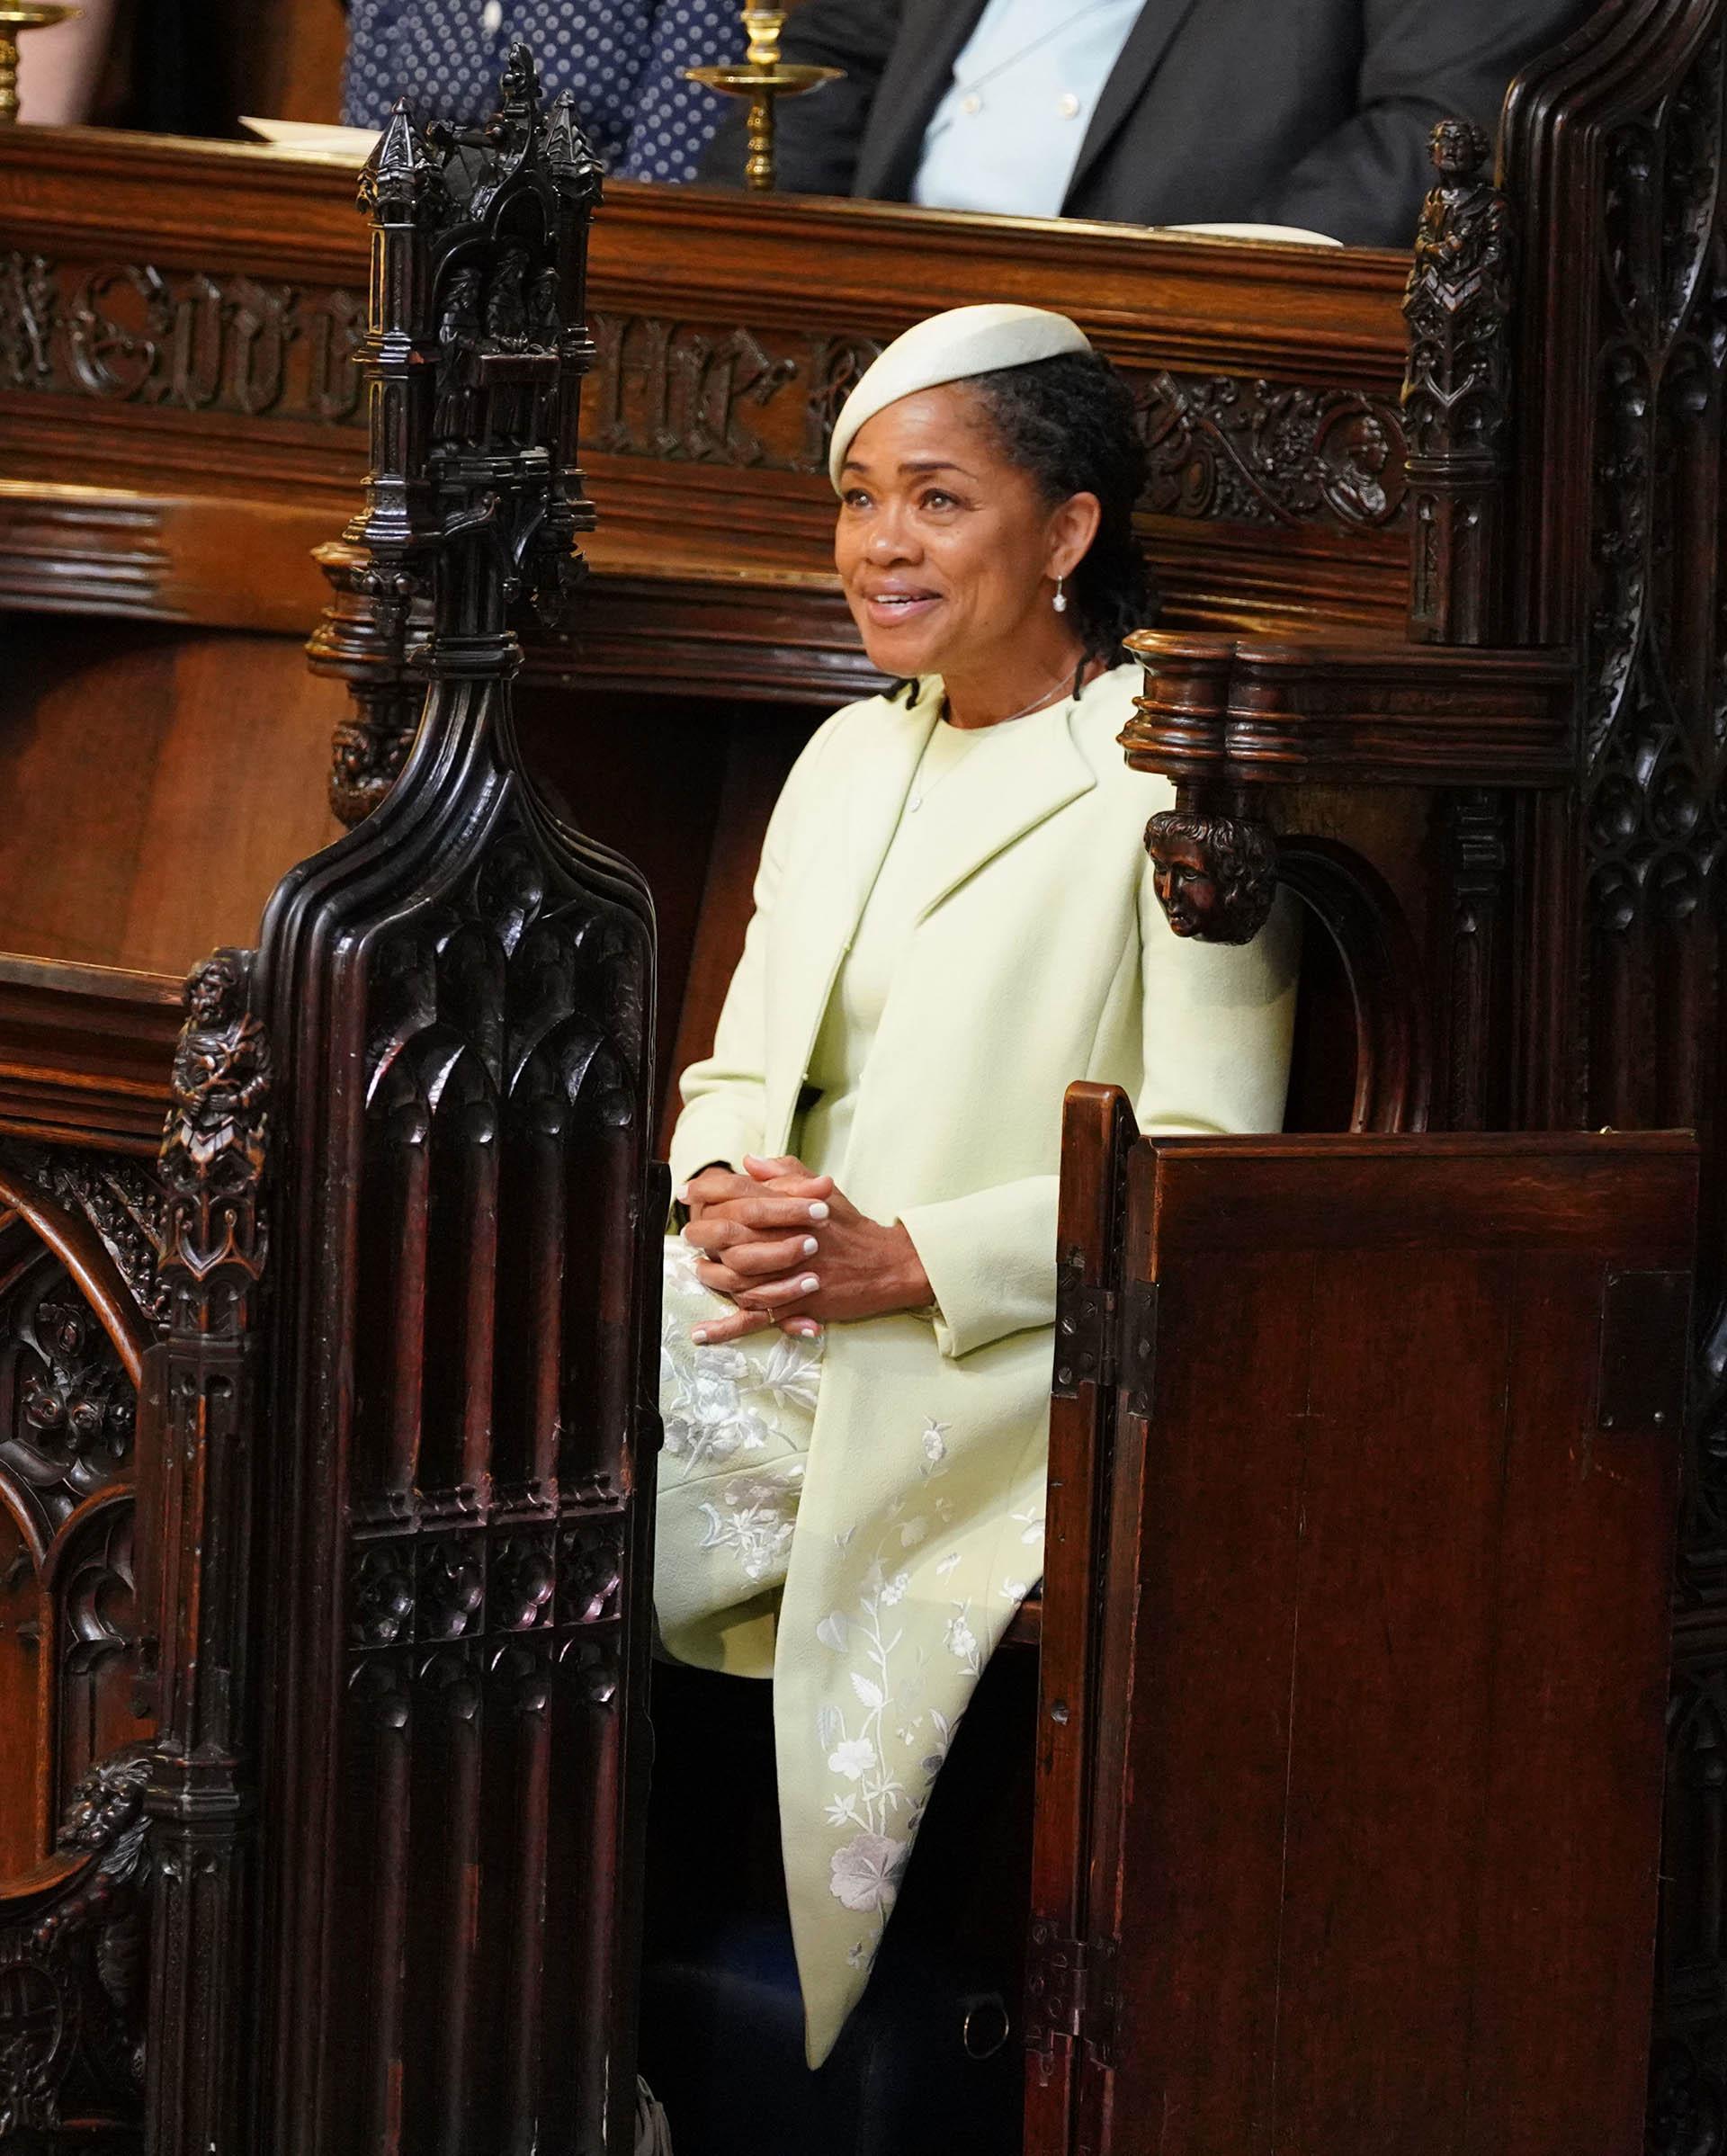 Doria Ragland eligió en un vestido en verde pastel con saco 7/8 de Oscar de la Renta y un discreto tocado. Un look que respetó el protocolo aristocrático (AFP)